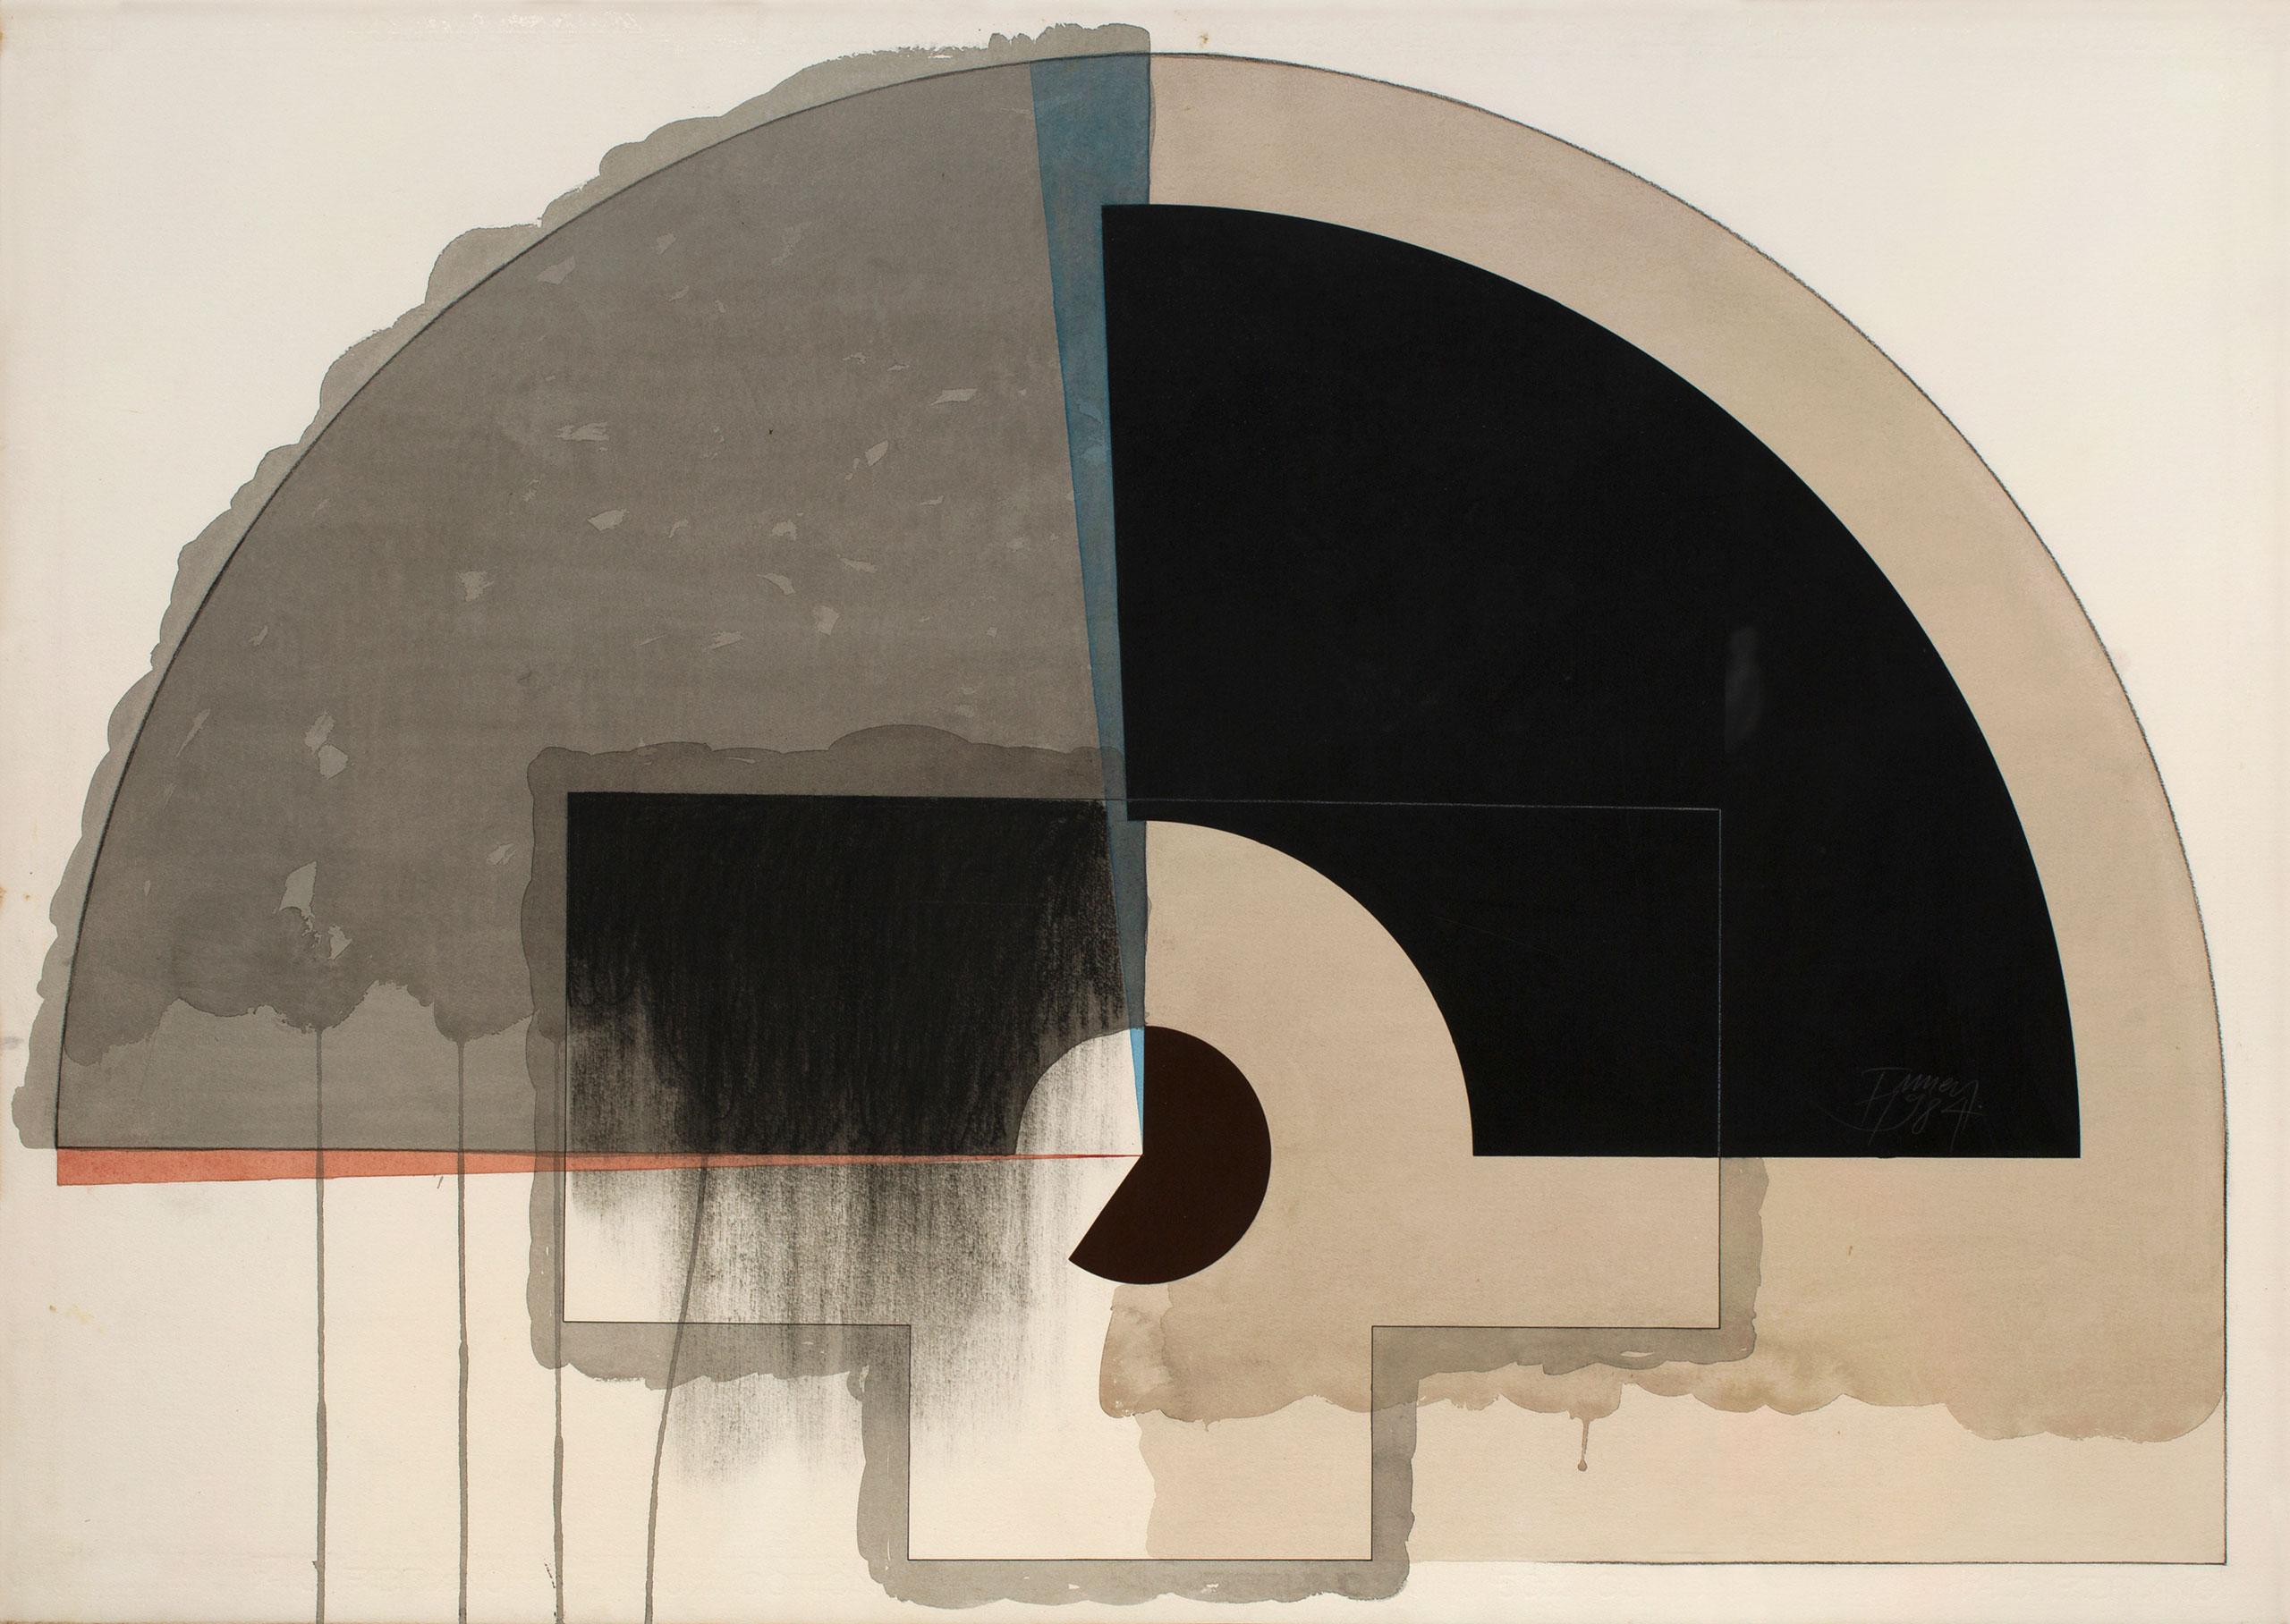 Pintura de Tuneu, de 1980. Da série Considerações sobre um relógio de sol. Técnica mista